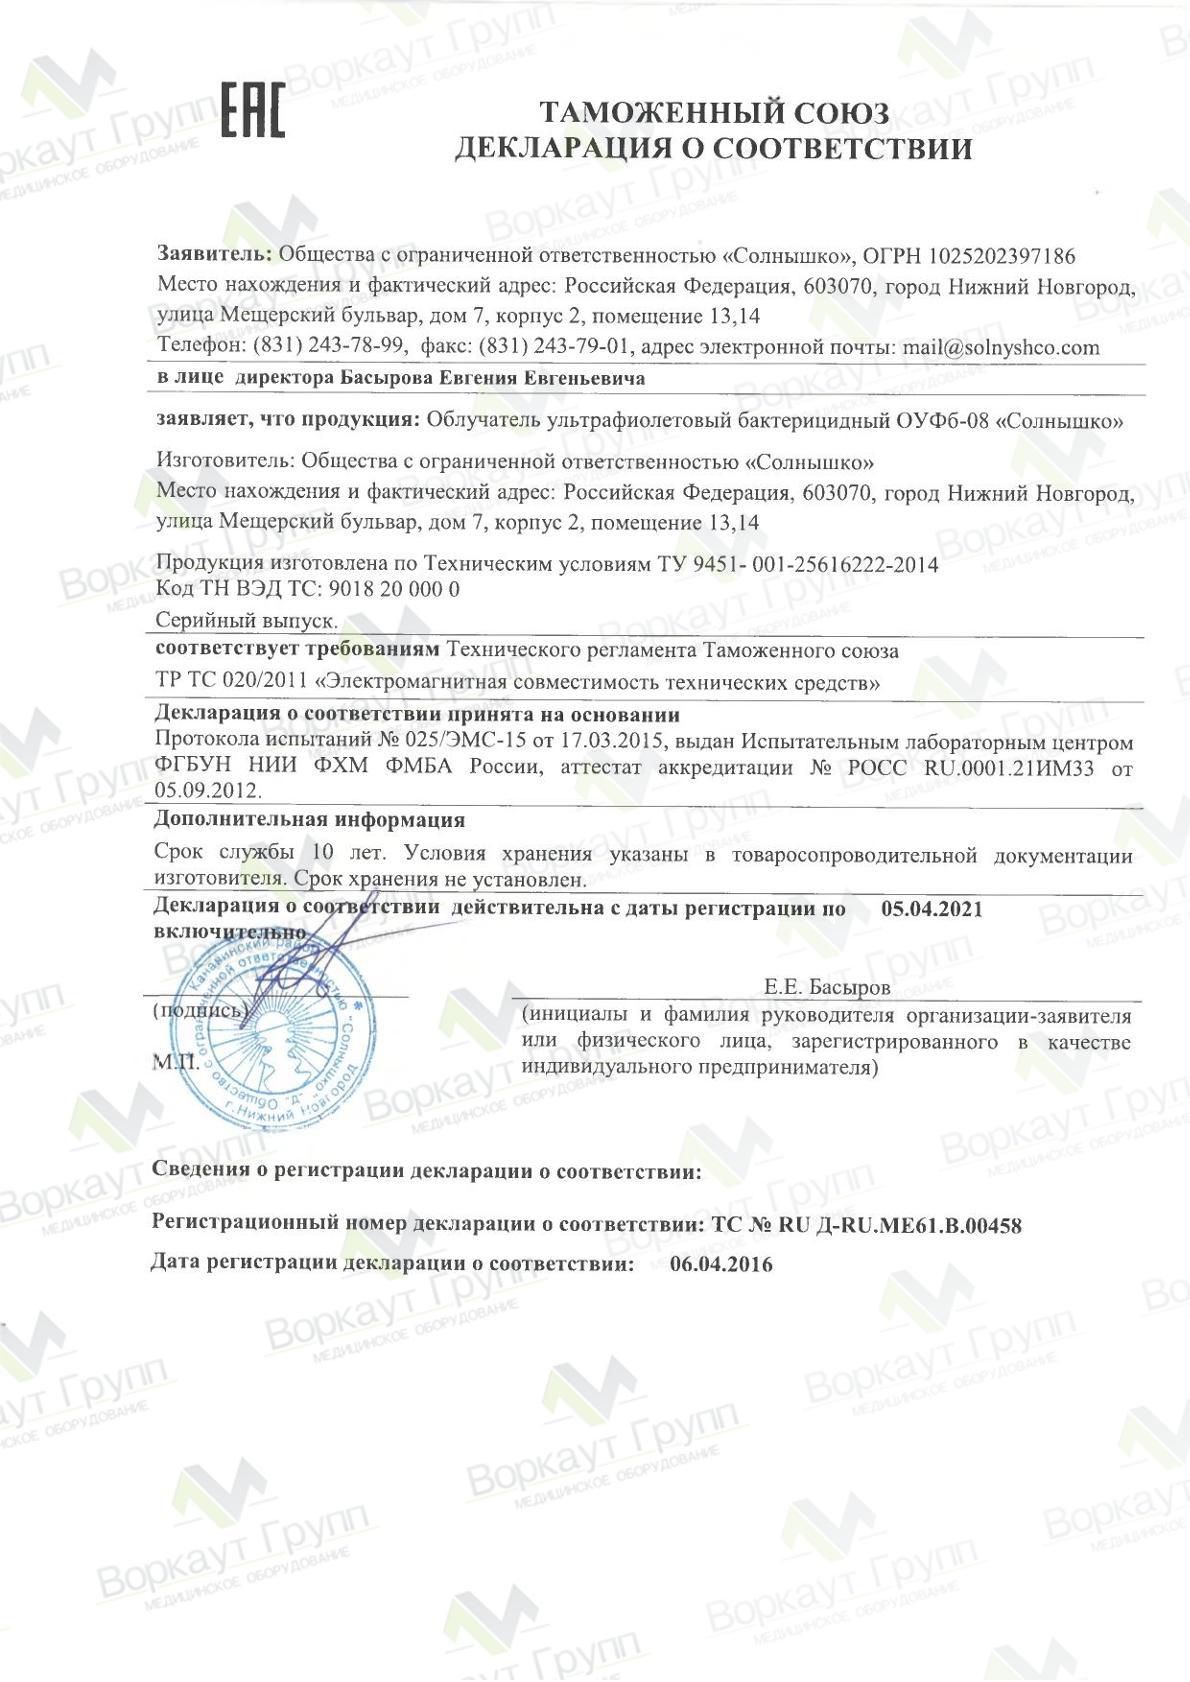 Облучатель ОУФб-08 Декларация Таможенного союза